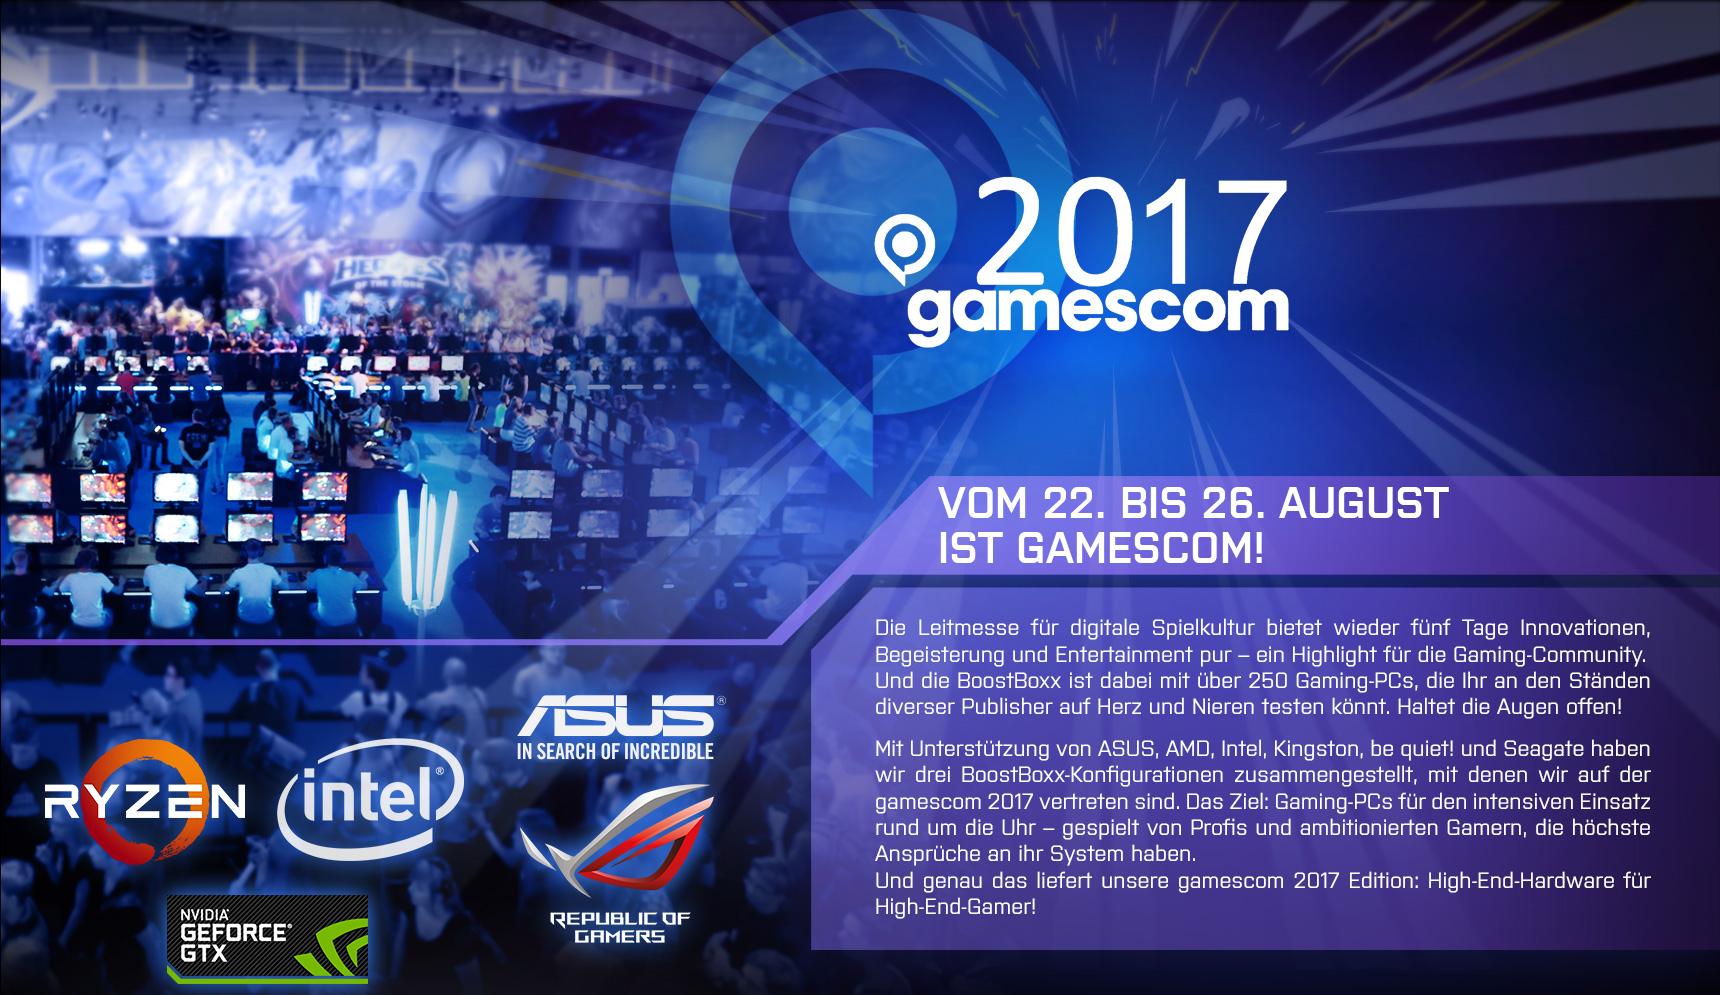 Gamescom 2017 Header